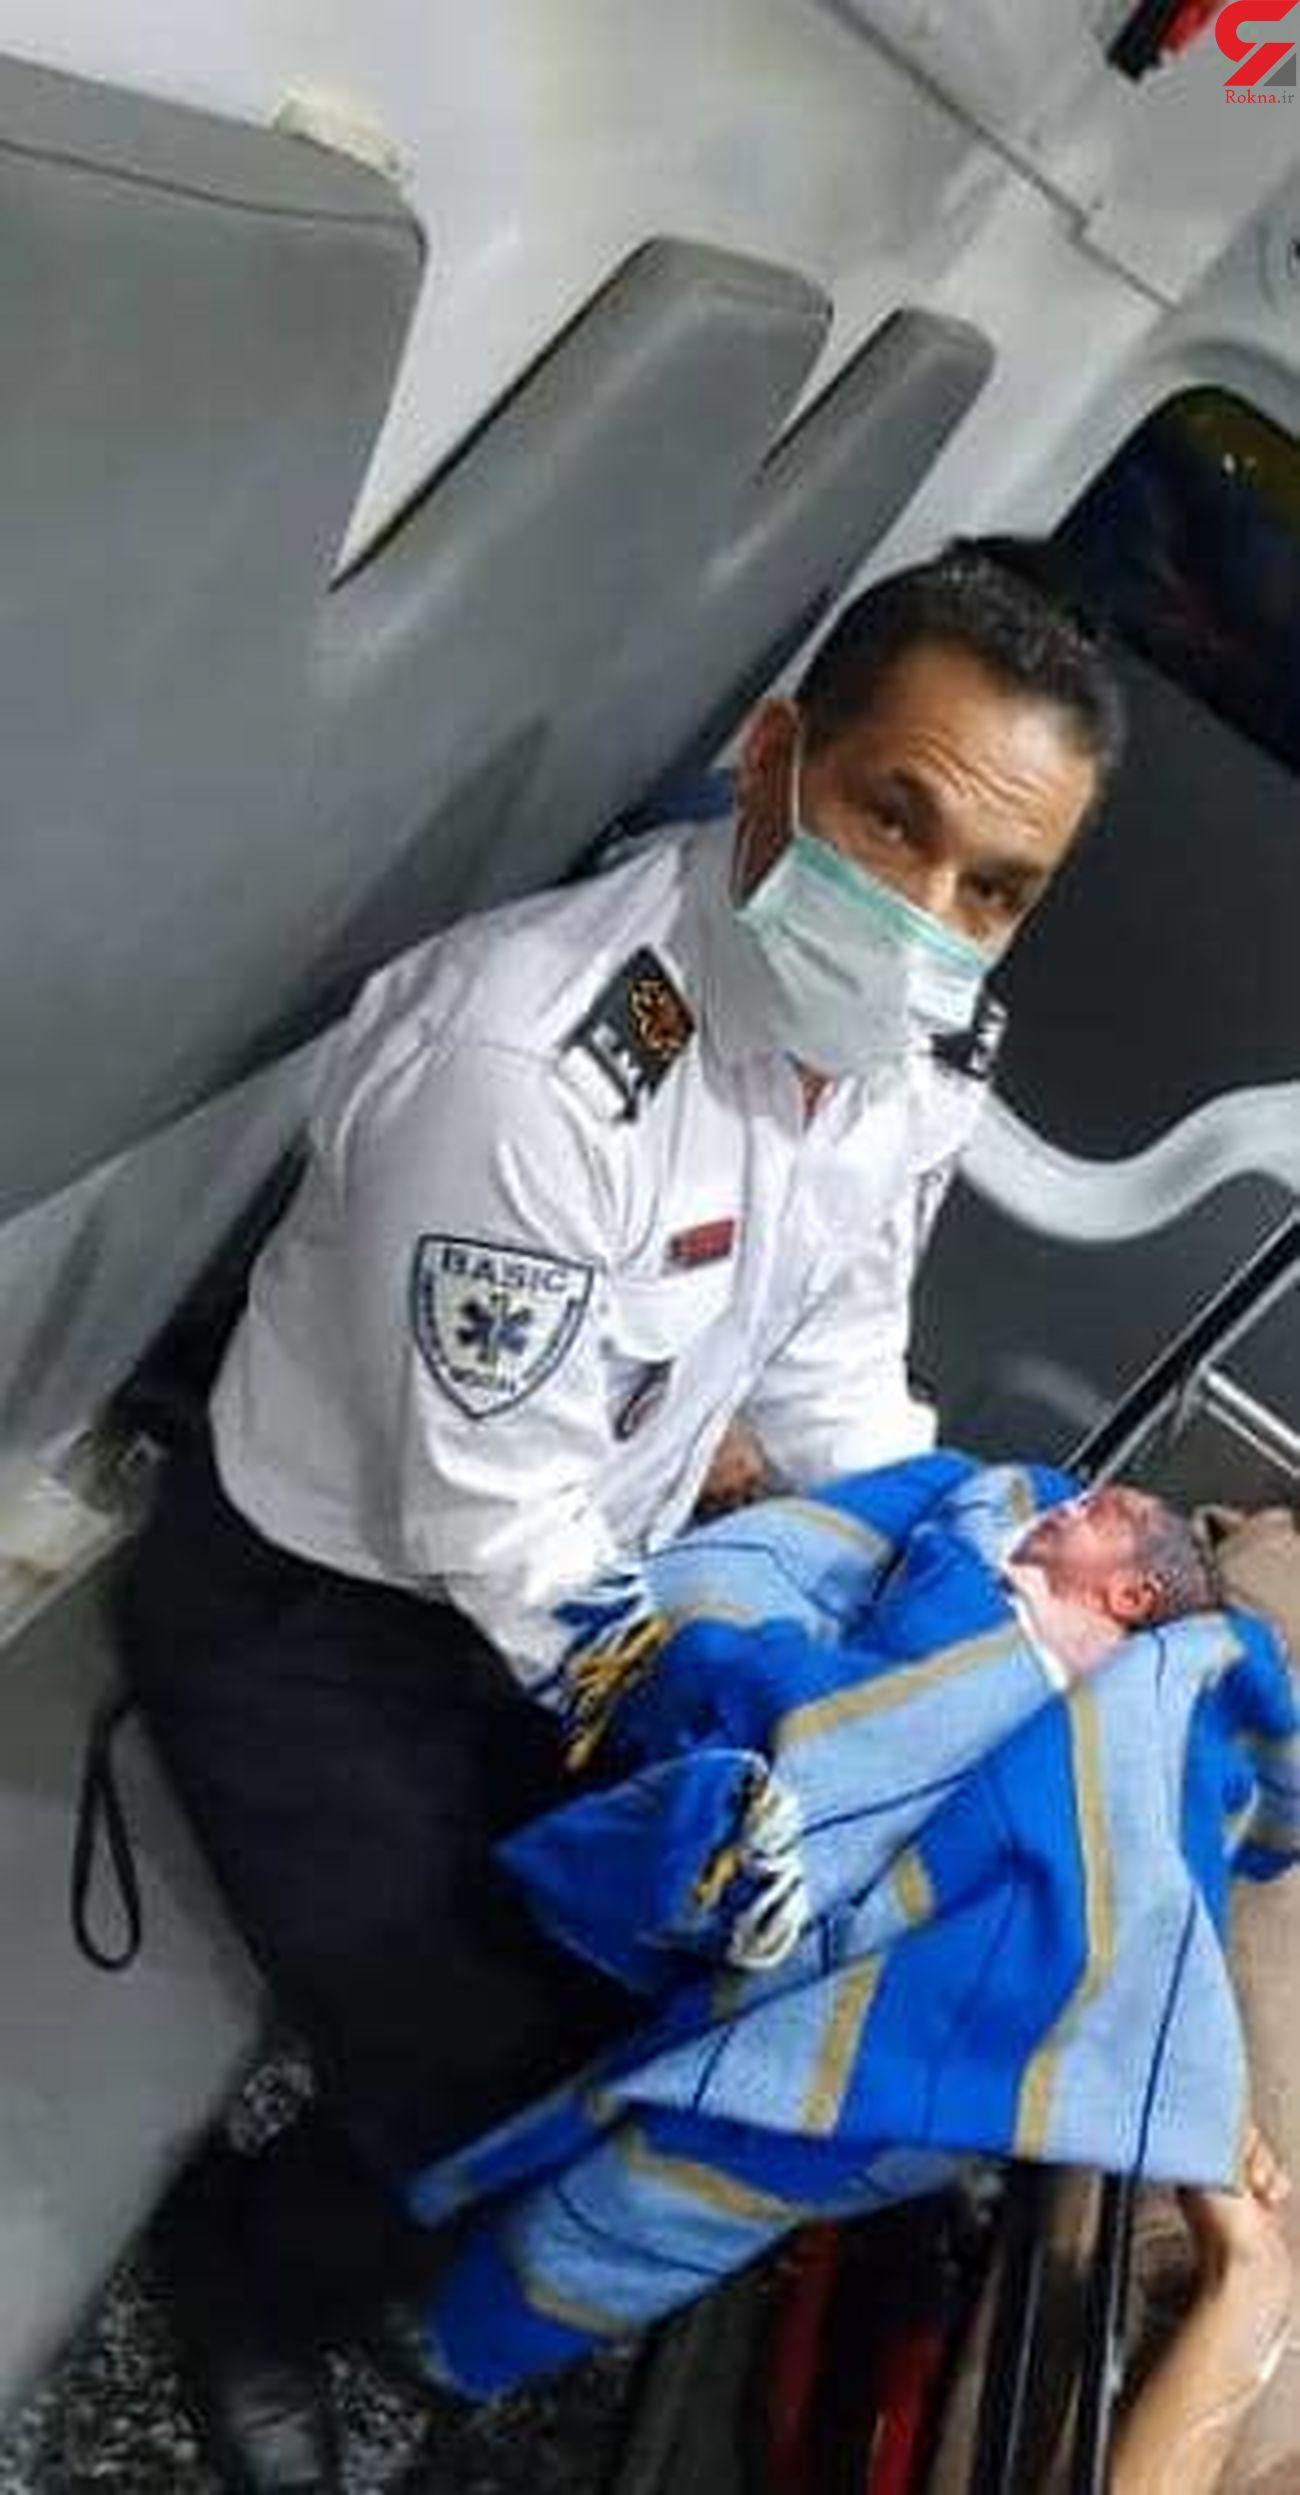 تولد نوزاد عجول در آمبولانس/به همراه عکس